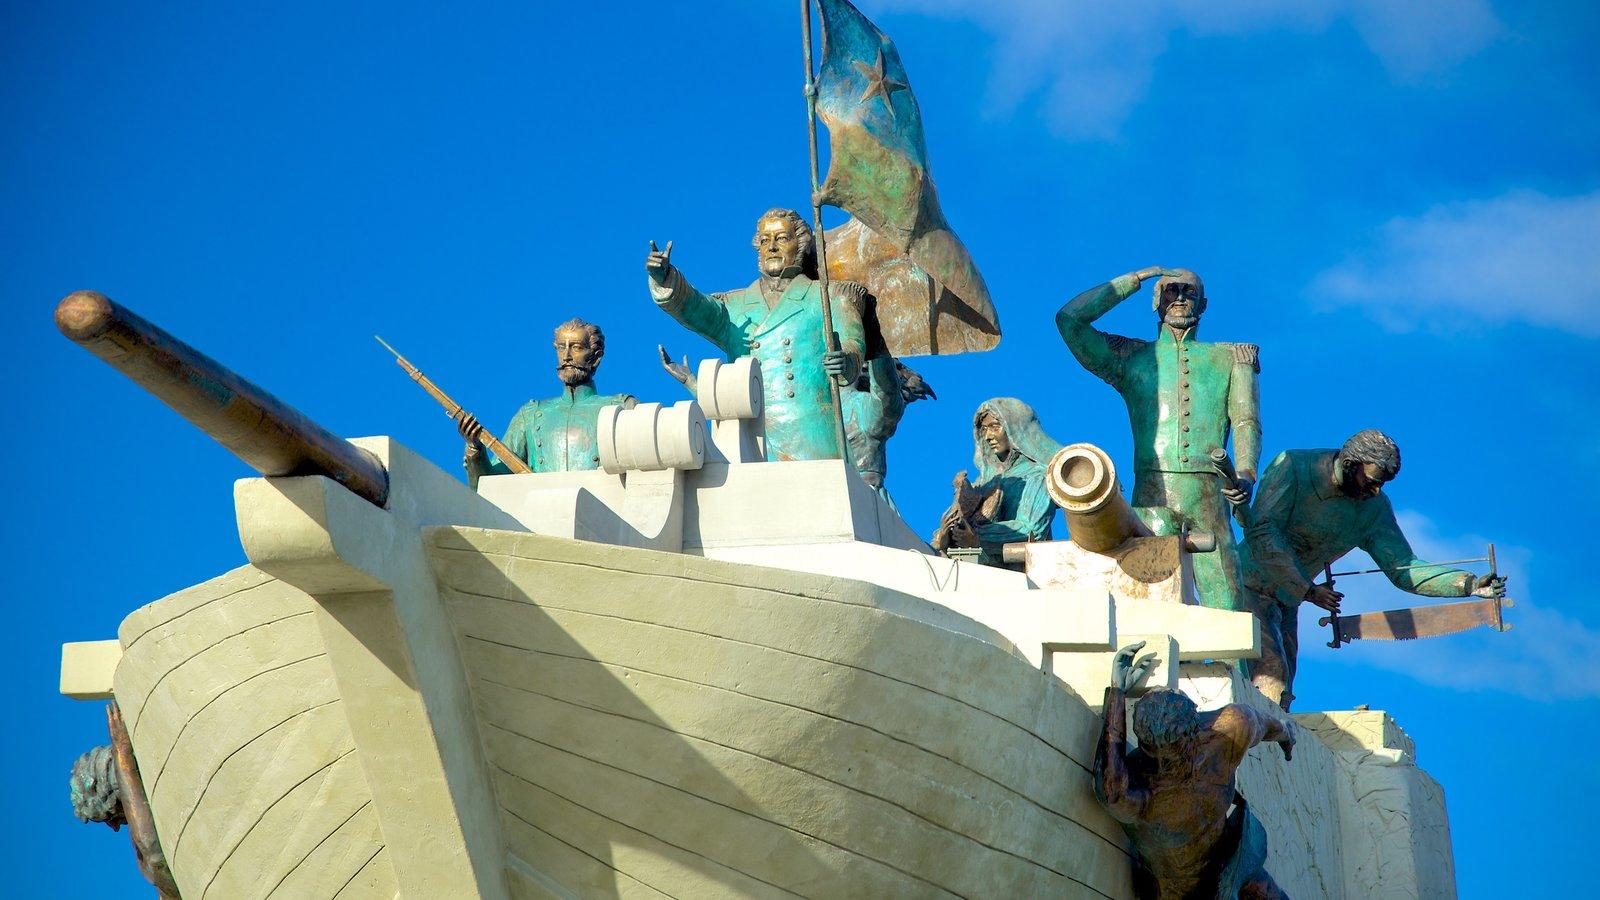 Punta Arenas caracterizando arte ao ar livre e uma estátua ou escultura